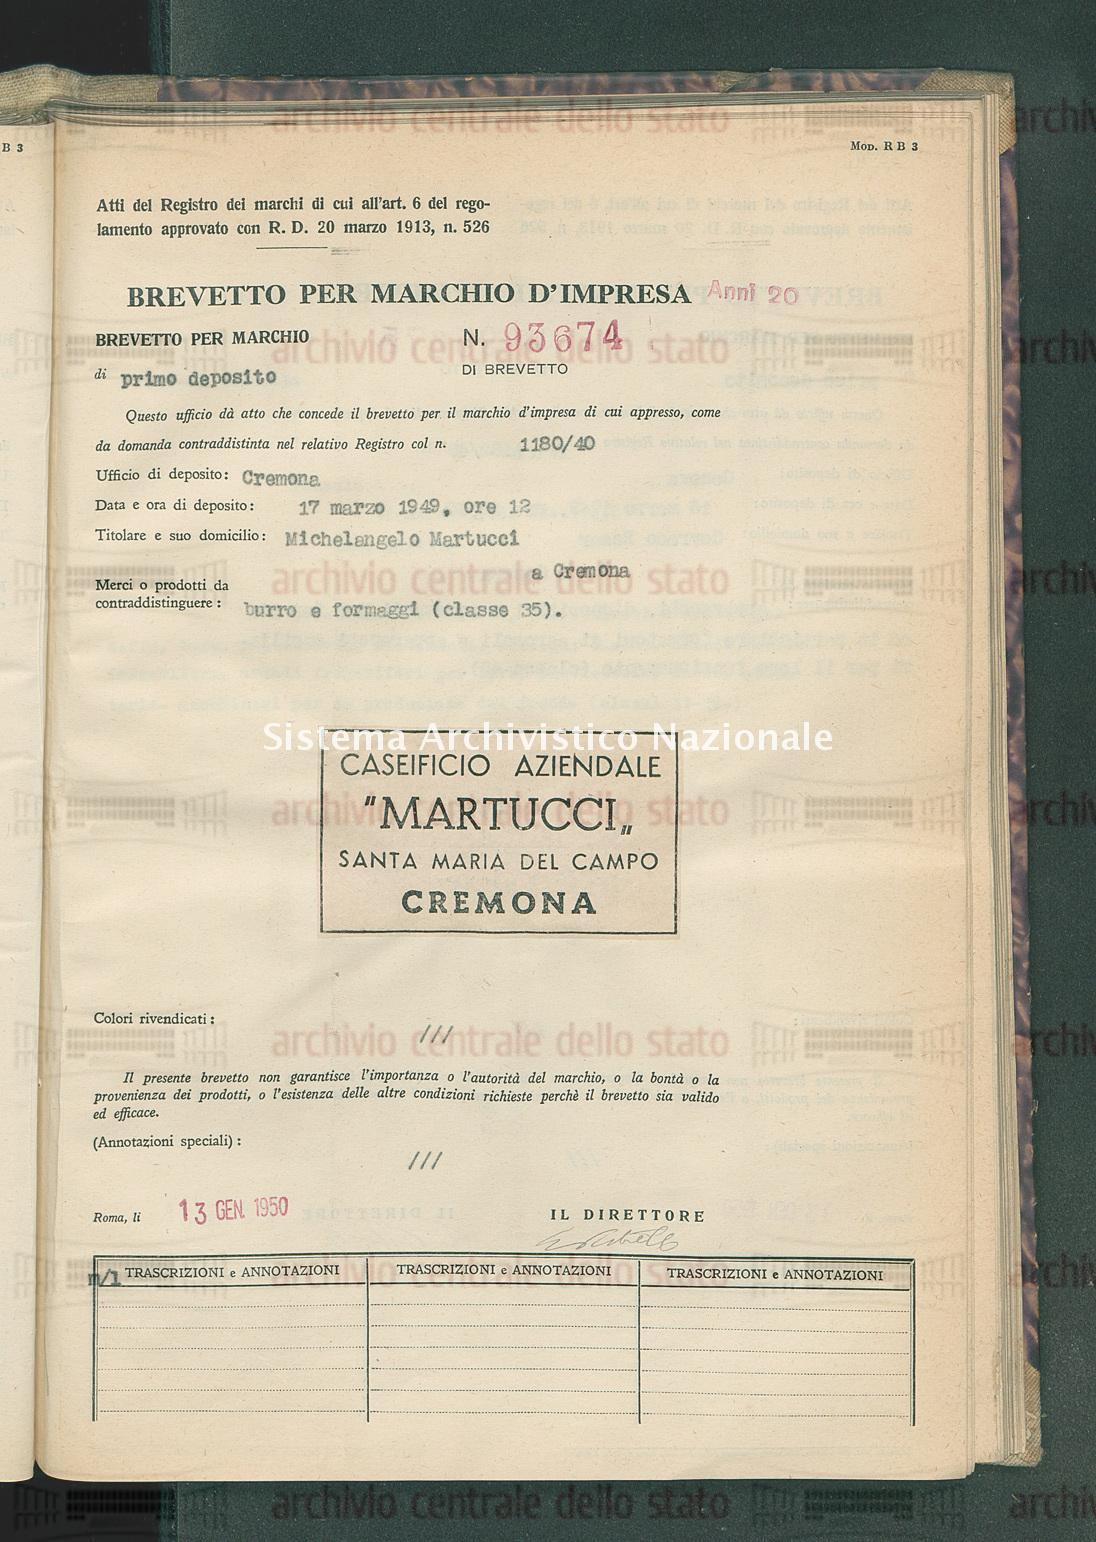 Burro e formaggi Michelangelo Martucci (13/01/1950)